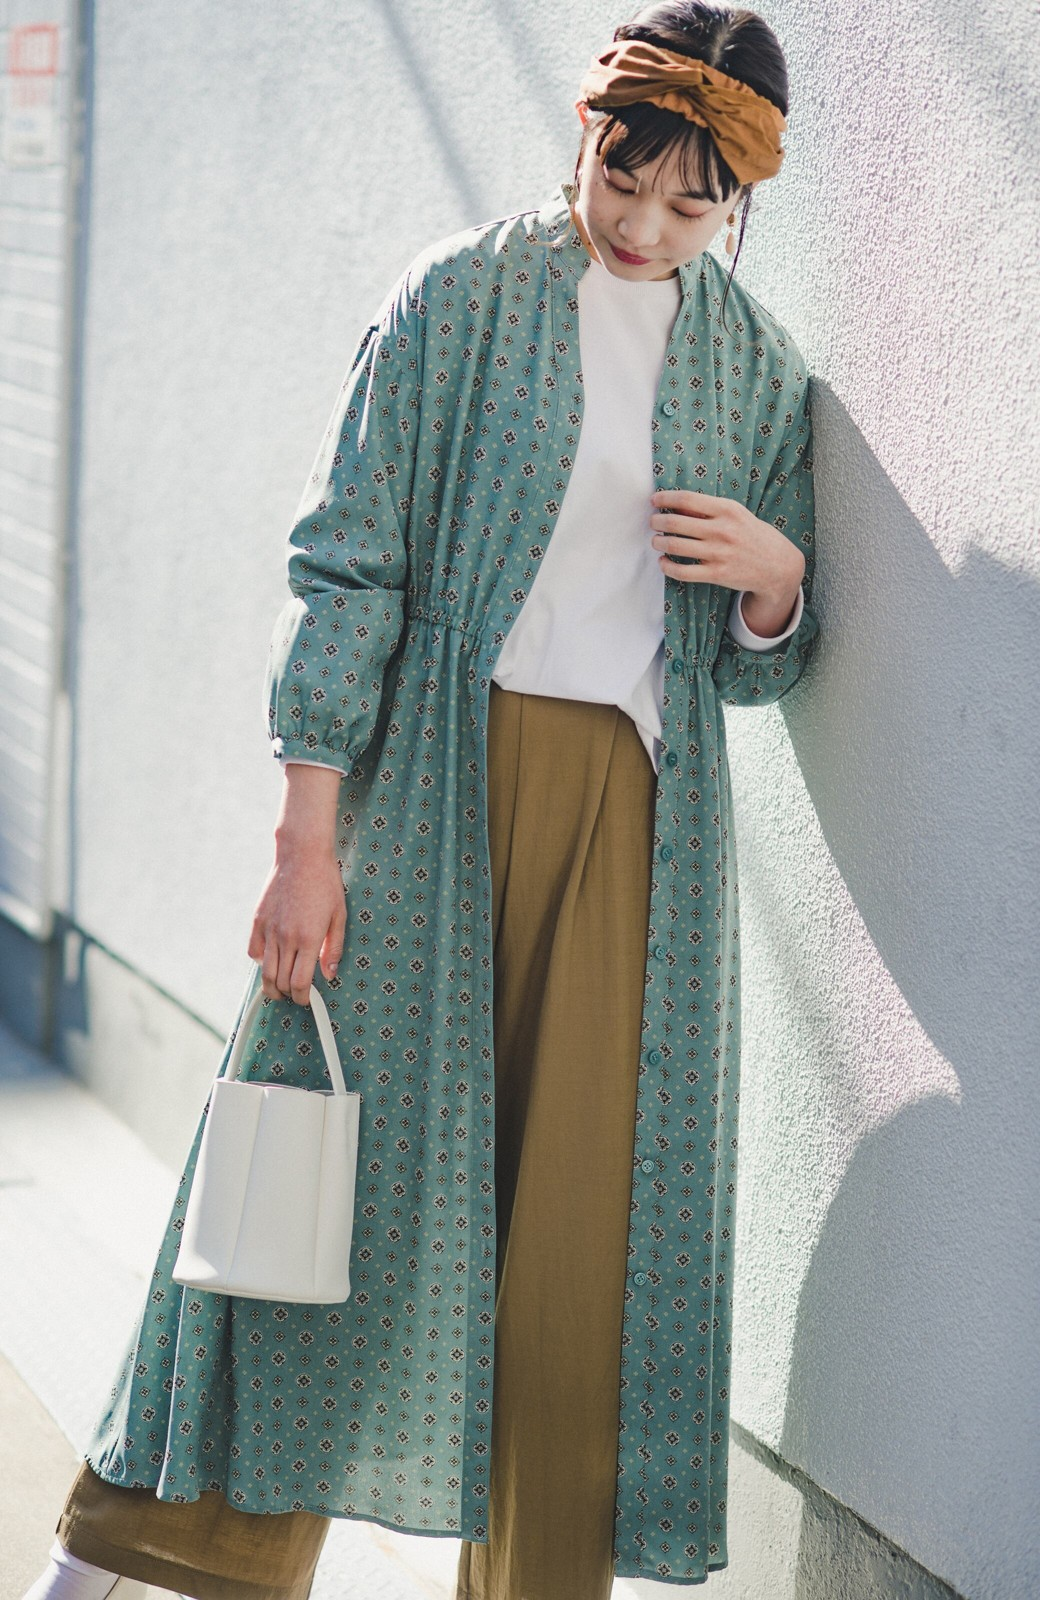 haco! コーデが華やいで気分も上がる 羽織りとしても便利な大人の雰囲気漂う小紋柄風ワンピース <ブルー>の商品写真6